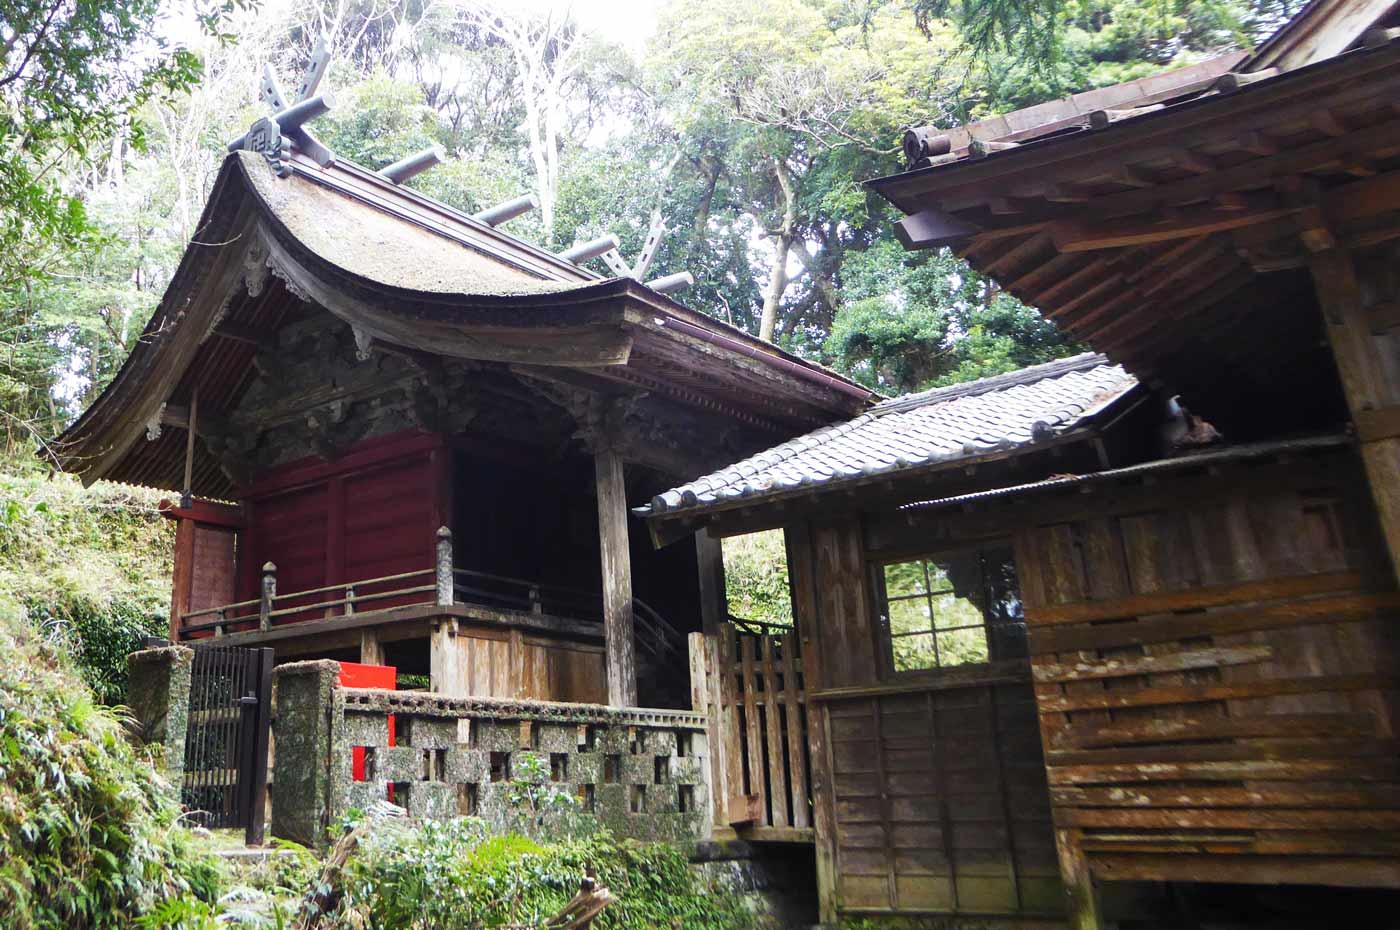 千葉県指定文化財の本殿